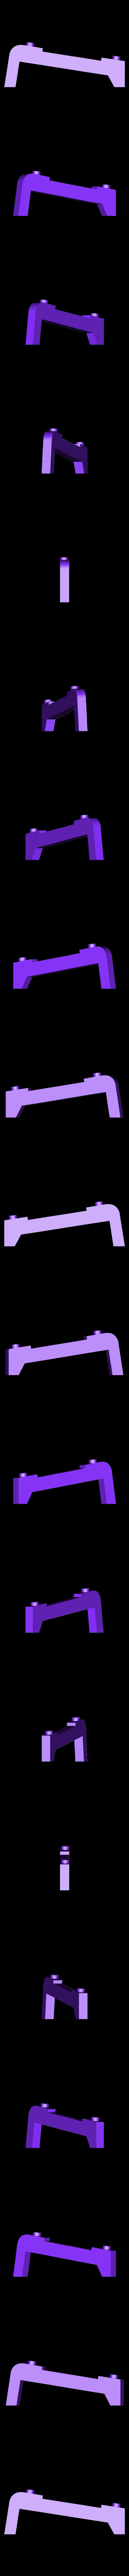 display_support_left.stl Télécharger fichier OBJ gratuit Conception d'une échelle de cuisine • Design à imprimer en 3D, kakiemon